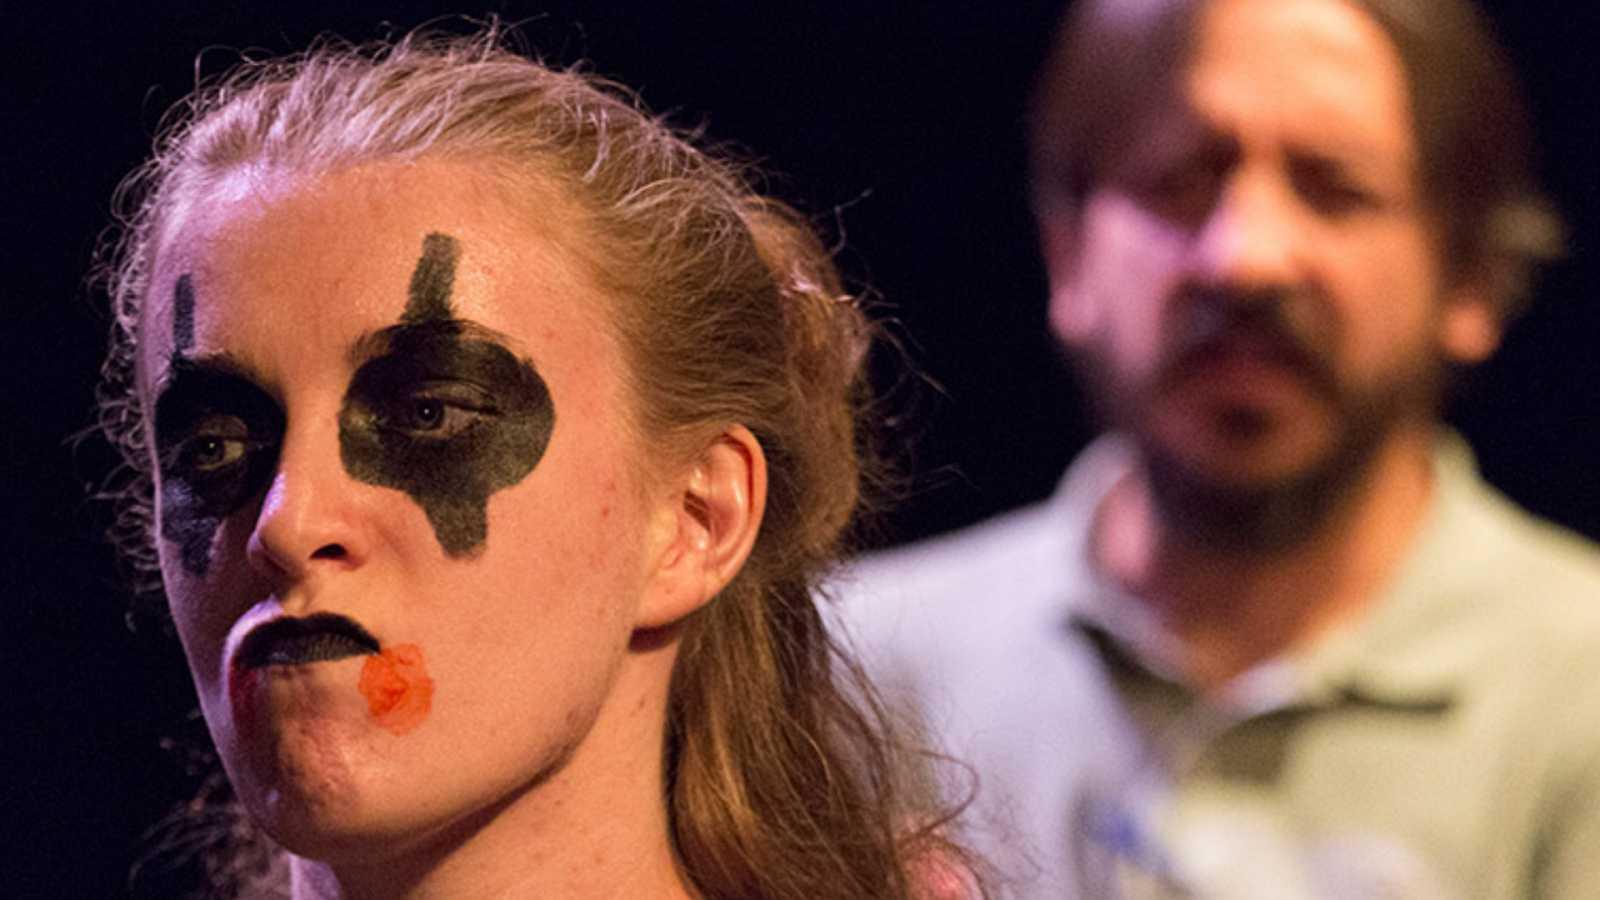 El ojo crítico - Teatro Urgente, Hannah Arendt y Lee Krasner - 14/10/20 - escuchar ahora